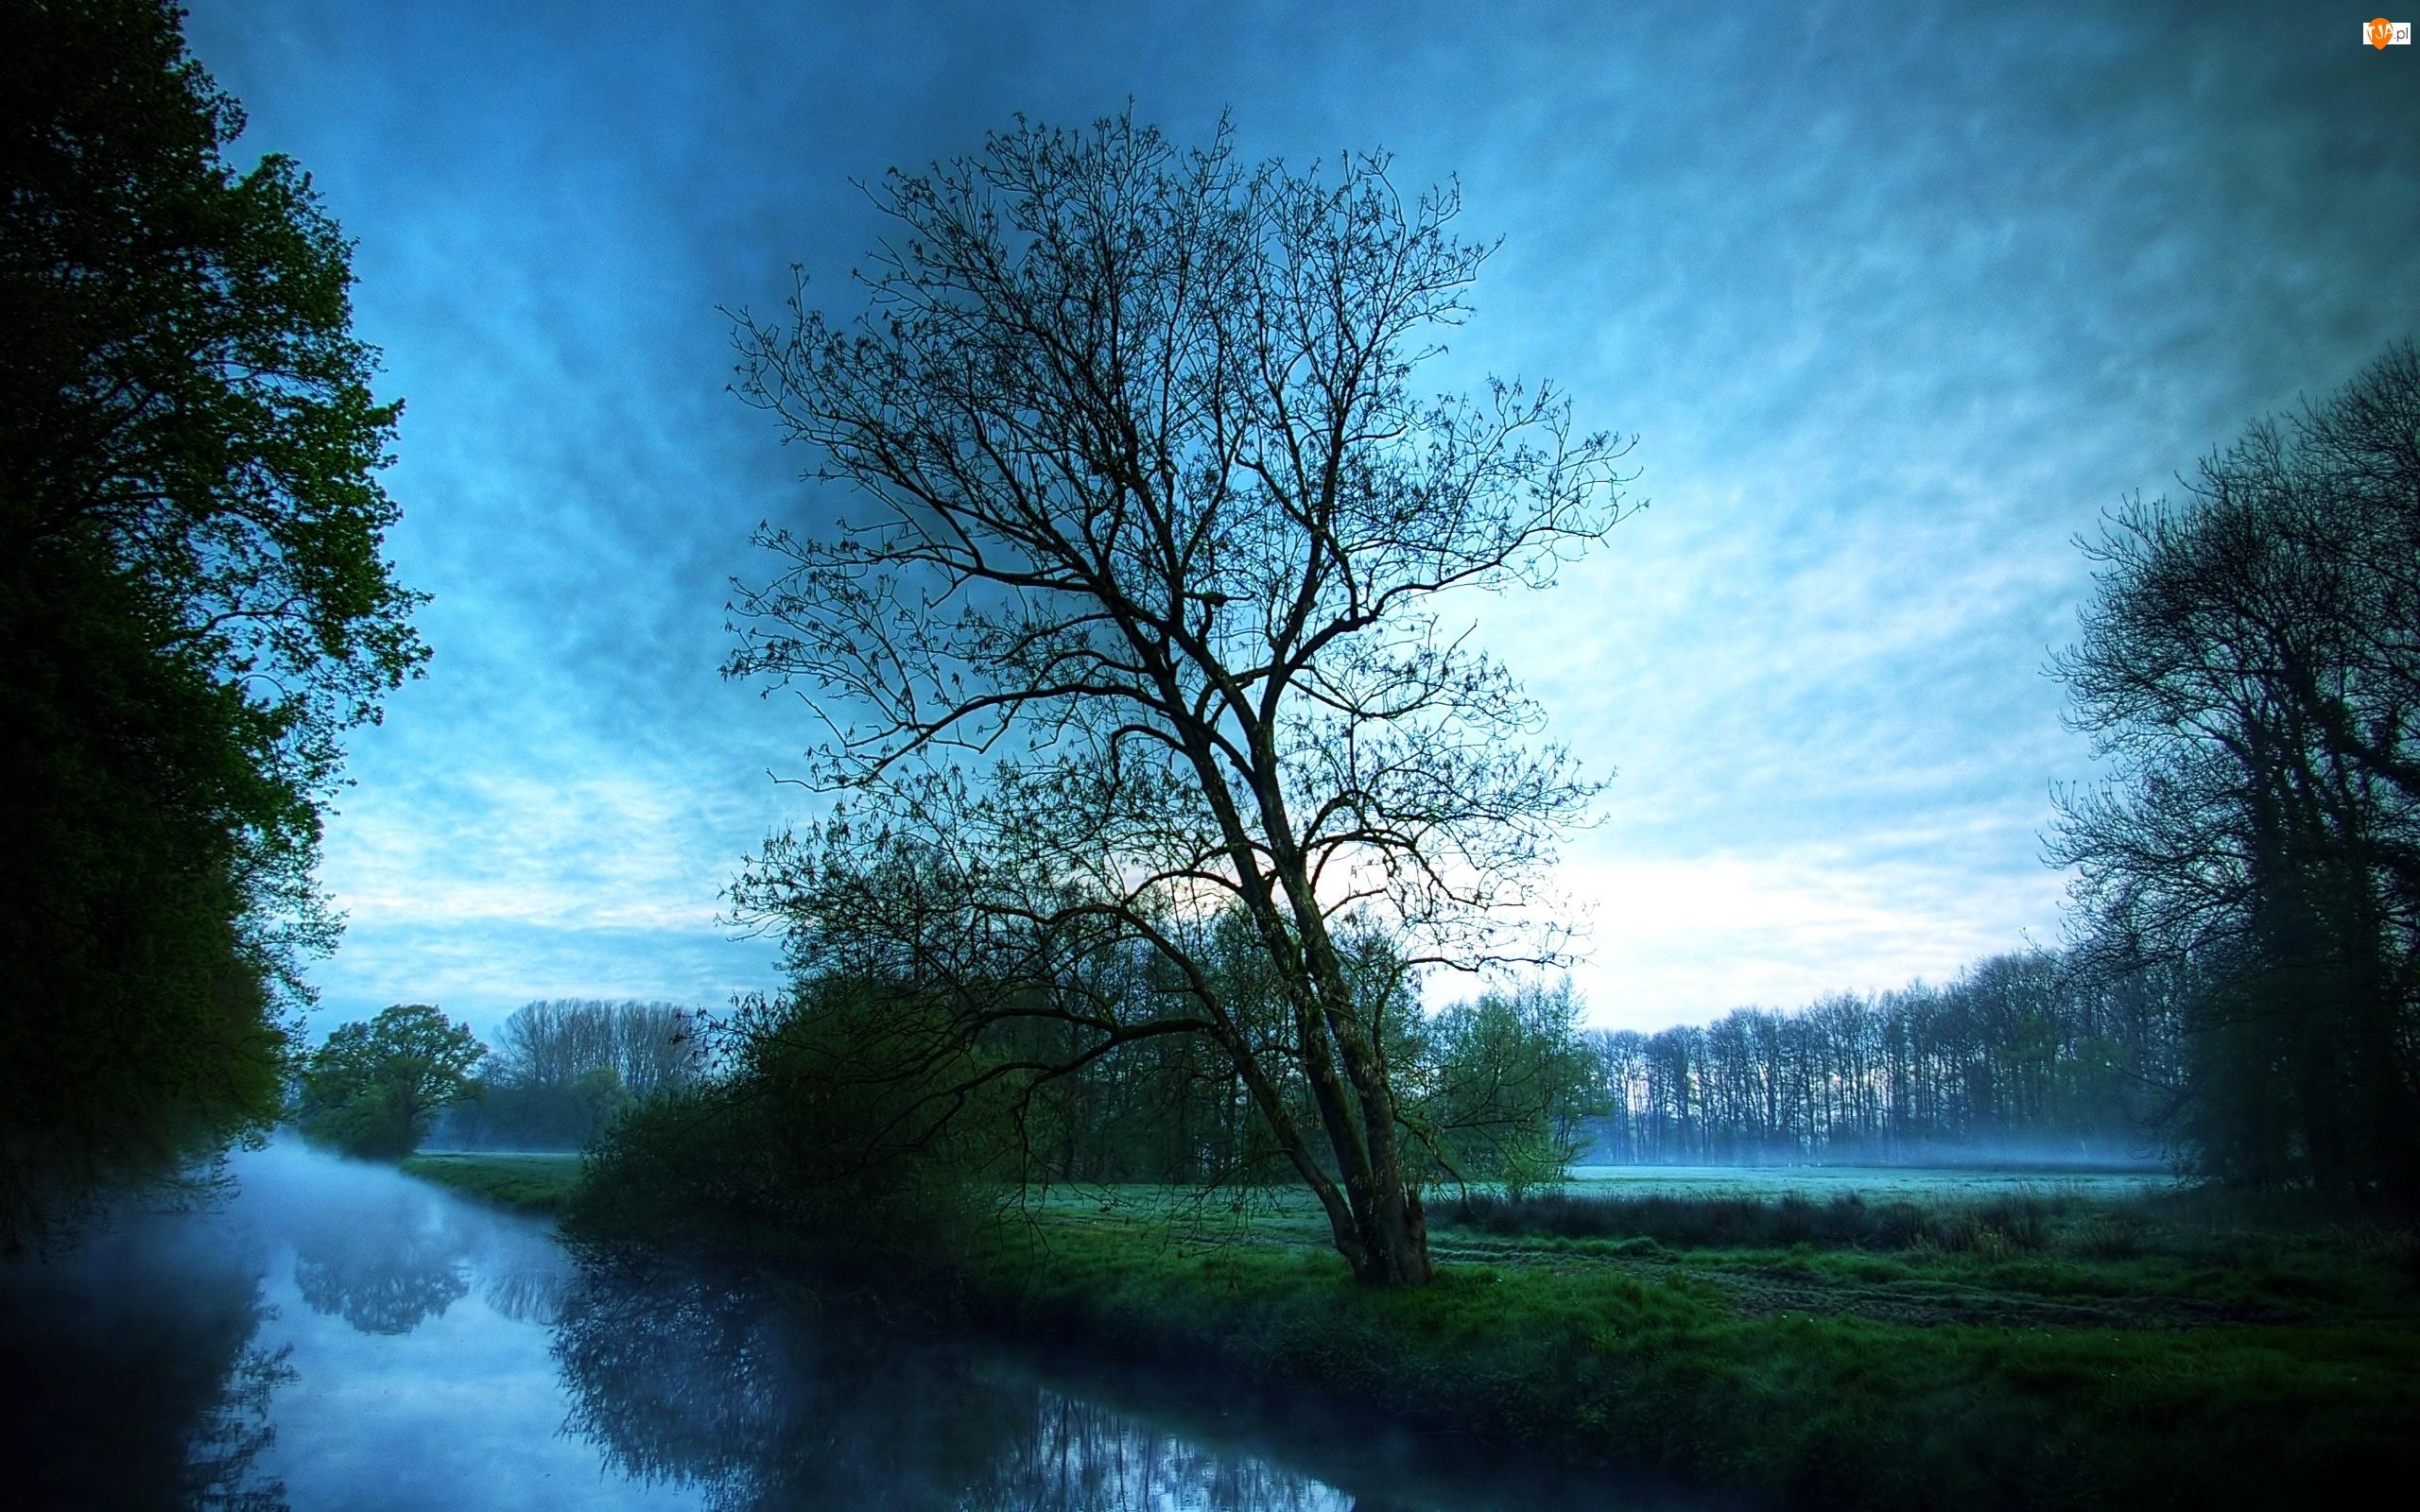 Drzewa, Mgła, Zmierzch, Woda